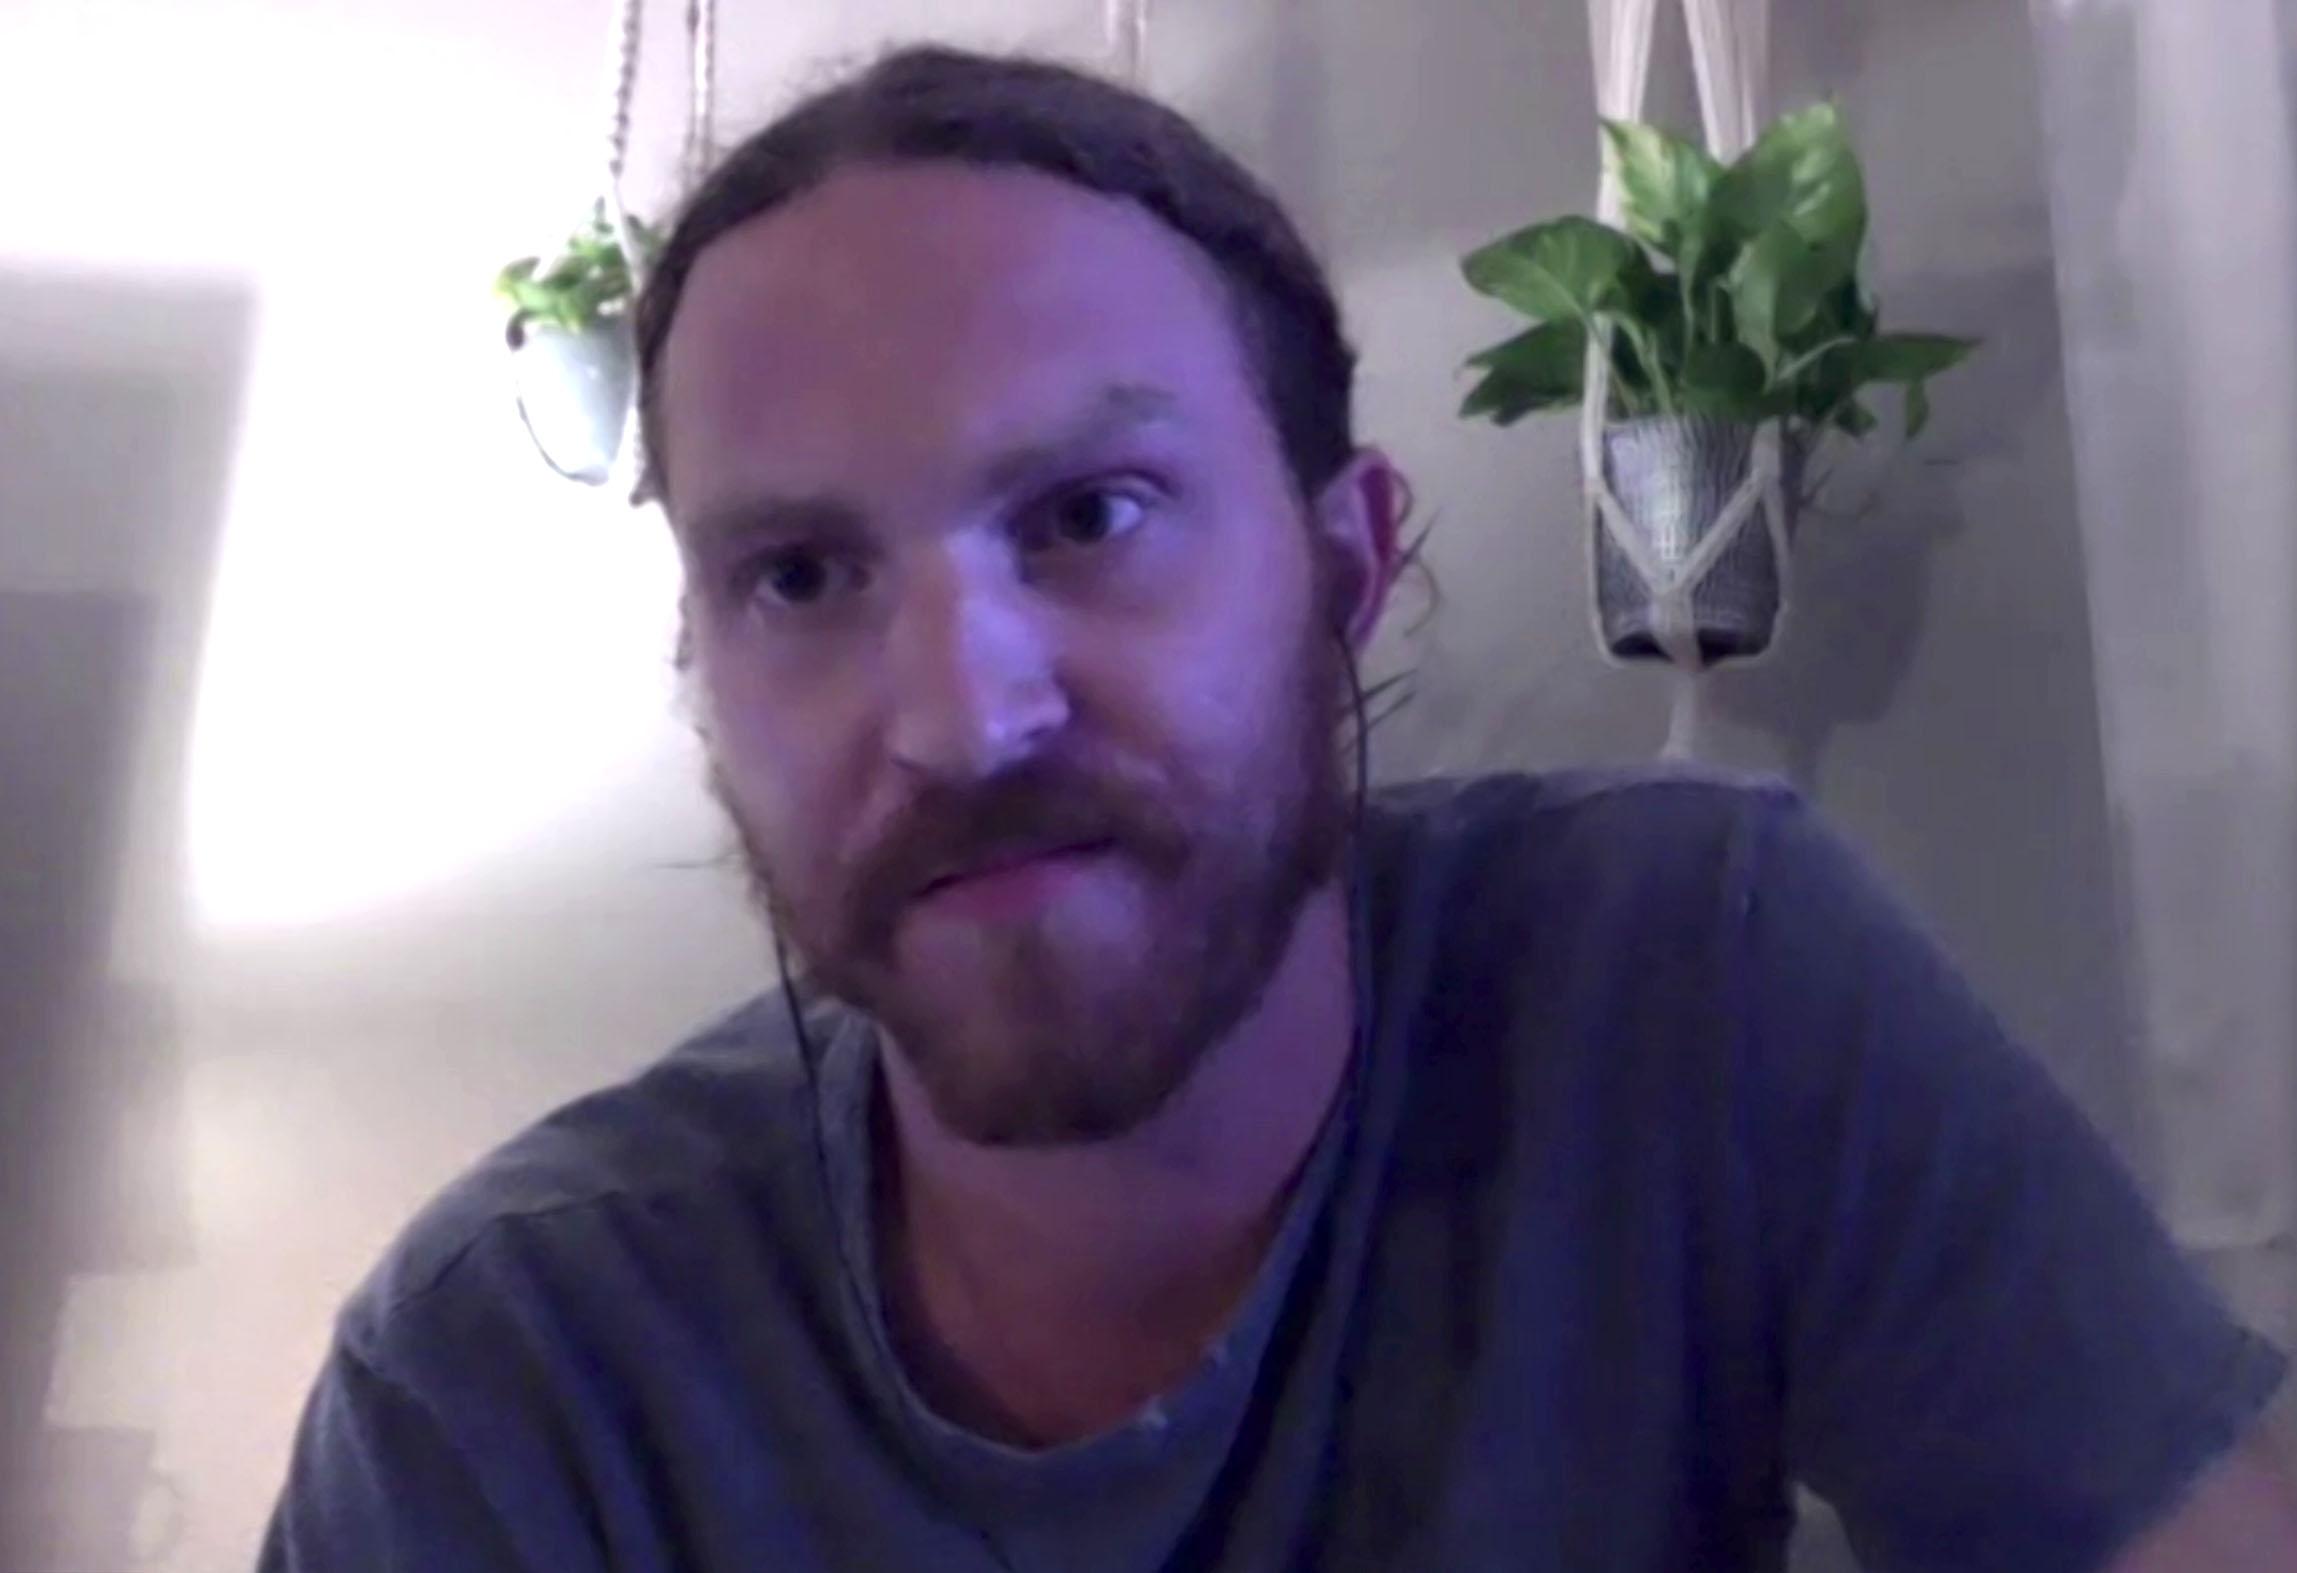 Vincent Berry (Dave Spath) lors des retrouvailles en ligne pour les 20 ans de la série, le 8 août 2020.